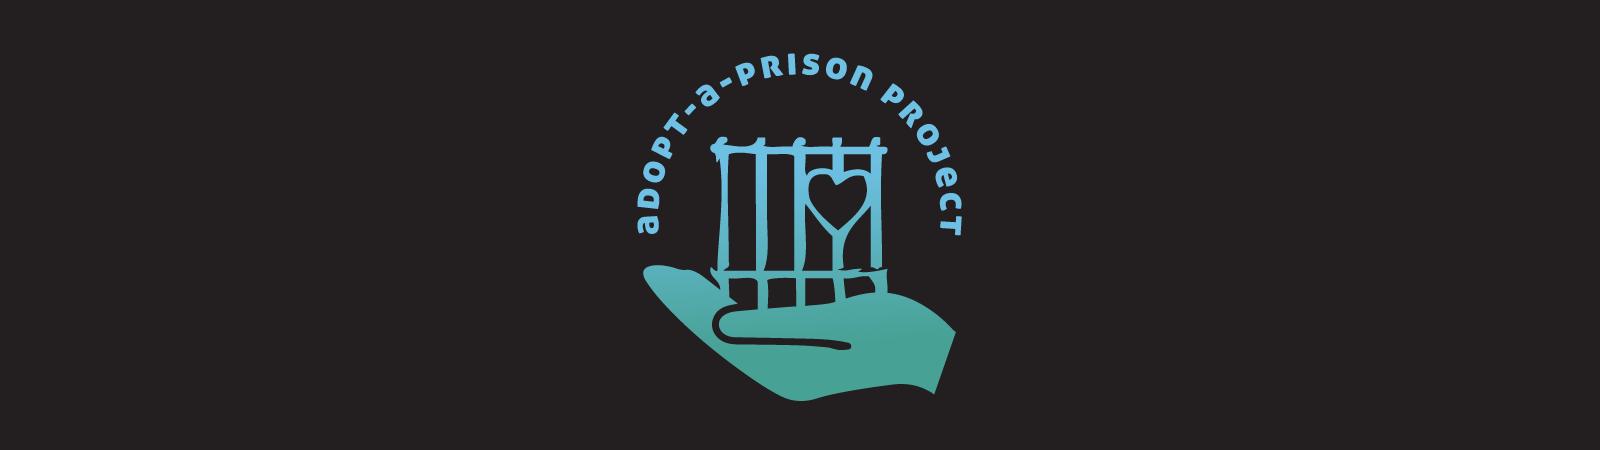 Adopt-a-Prison